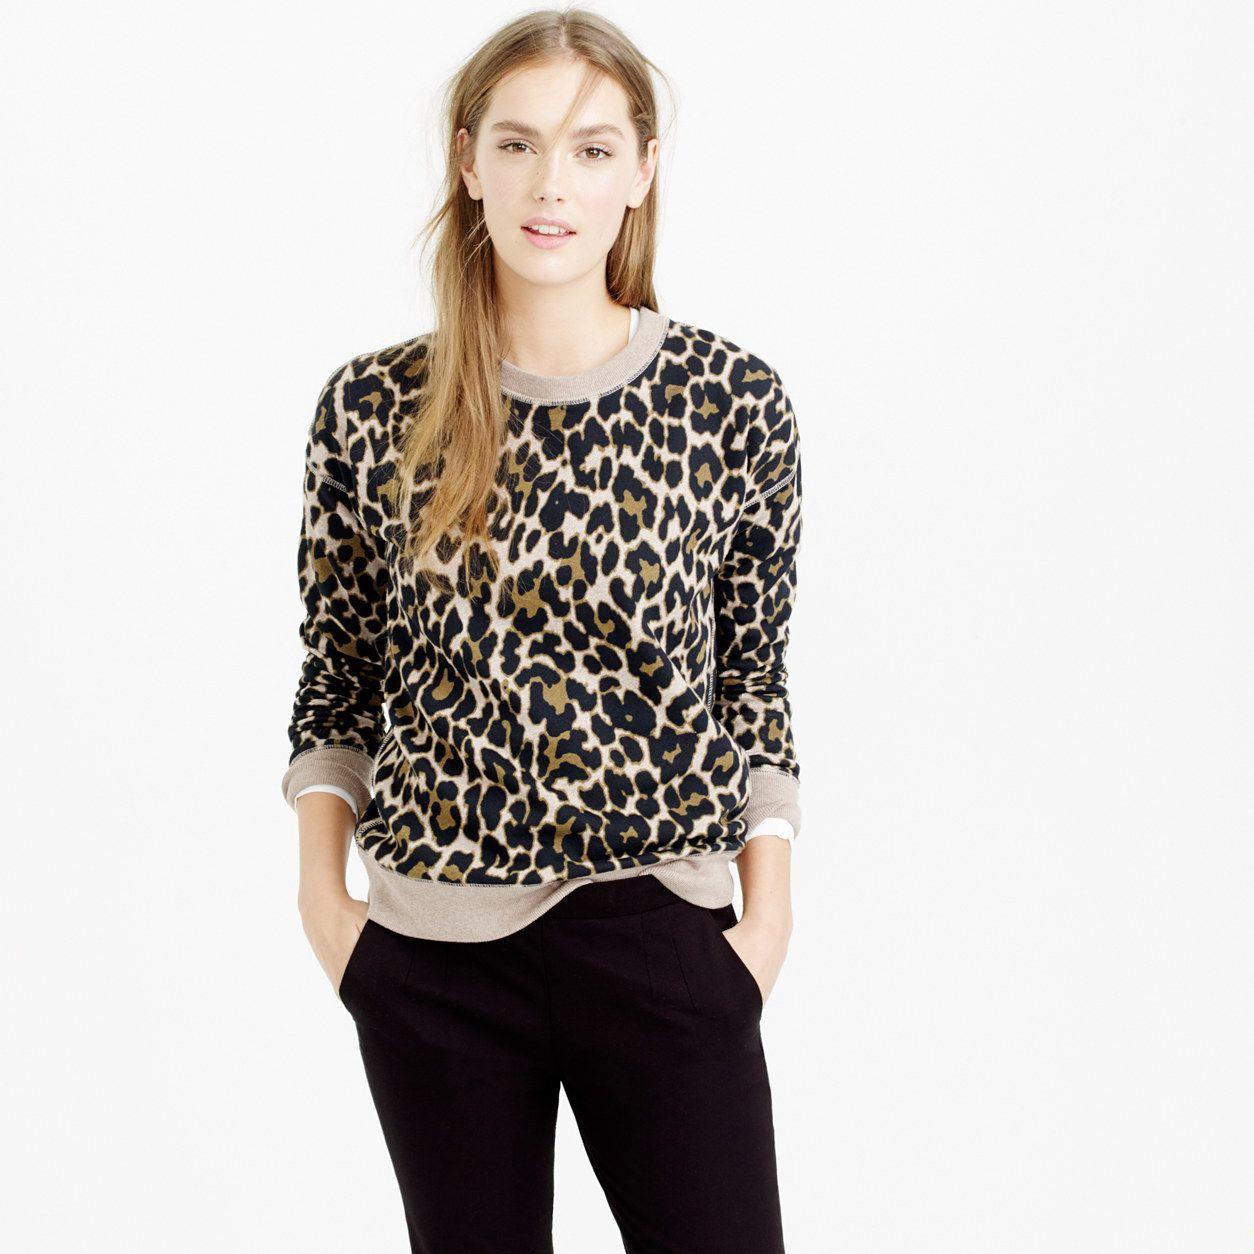 Crewneck Sweatshirt In Leopard Print Sweatshirts Women Leopard Print Sweatshirt Leopard Sweatshirt [ 1254 x 1254 Pixel ]